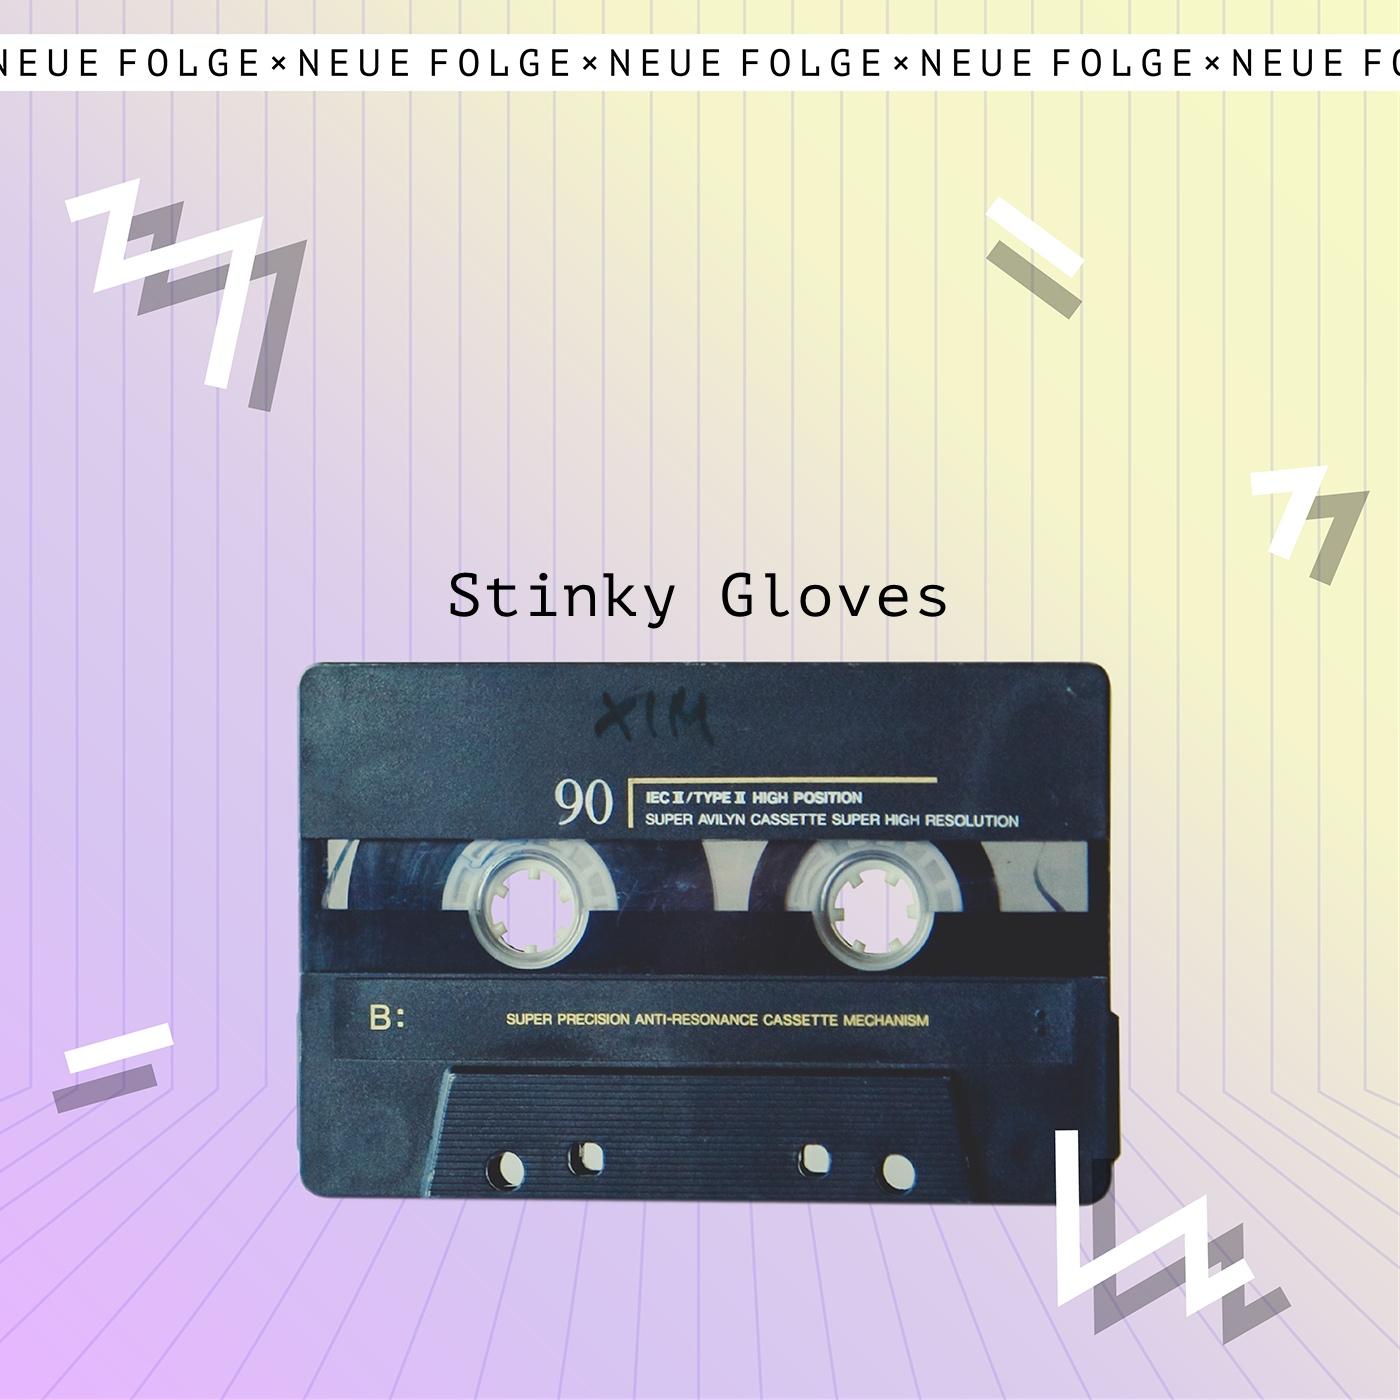 Stinky Gloves